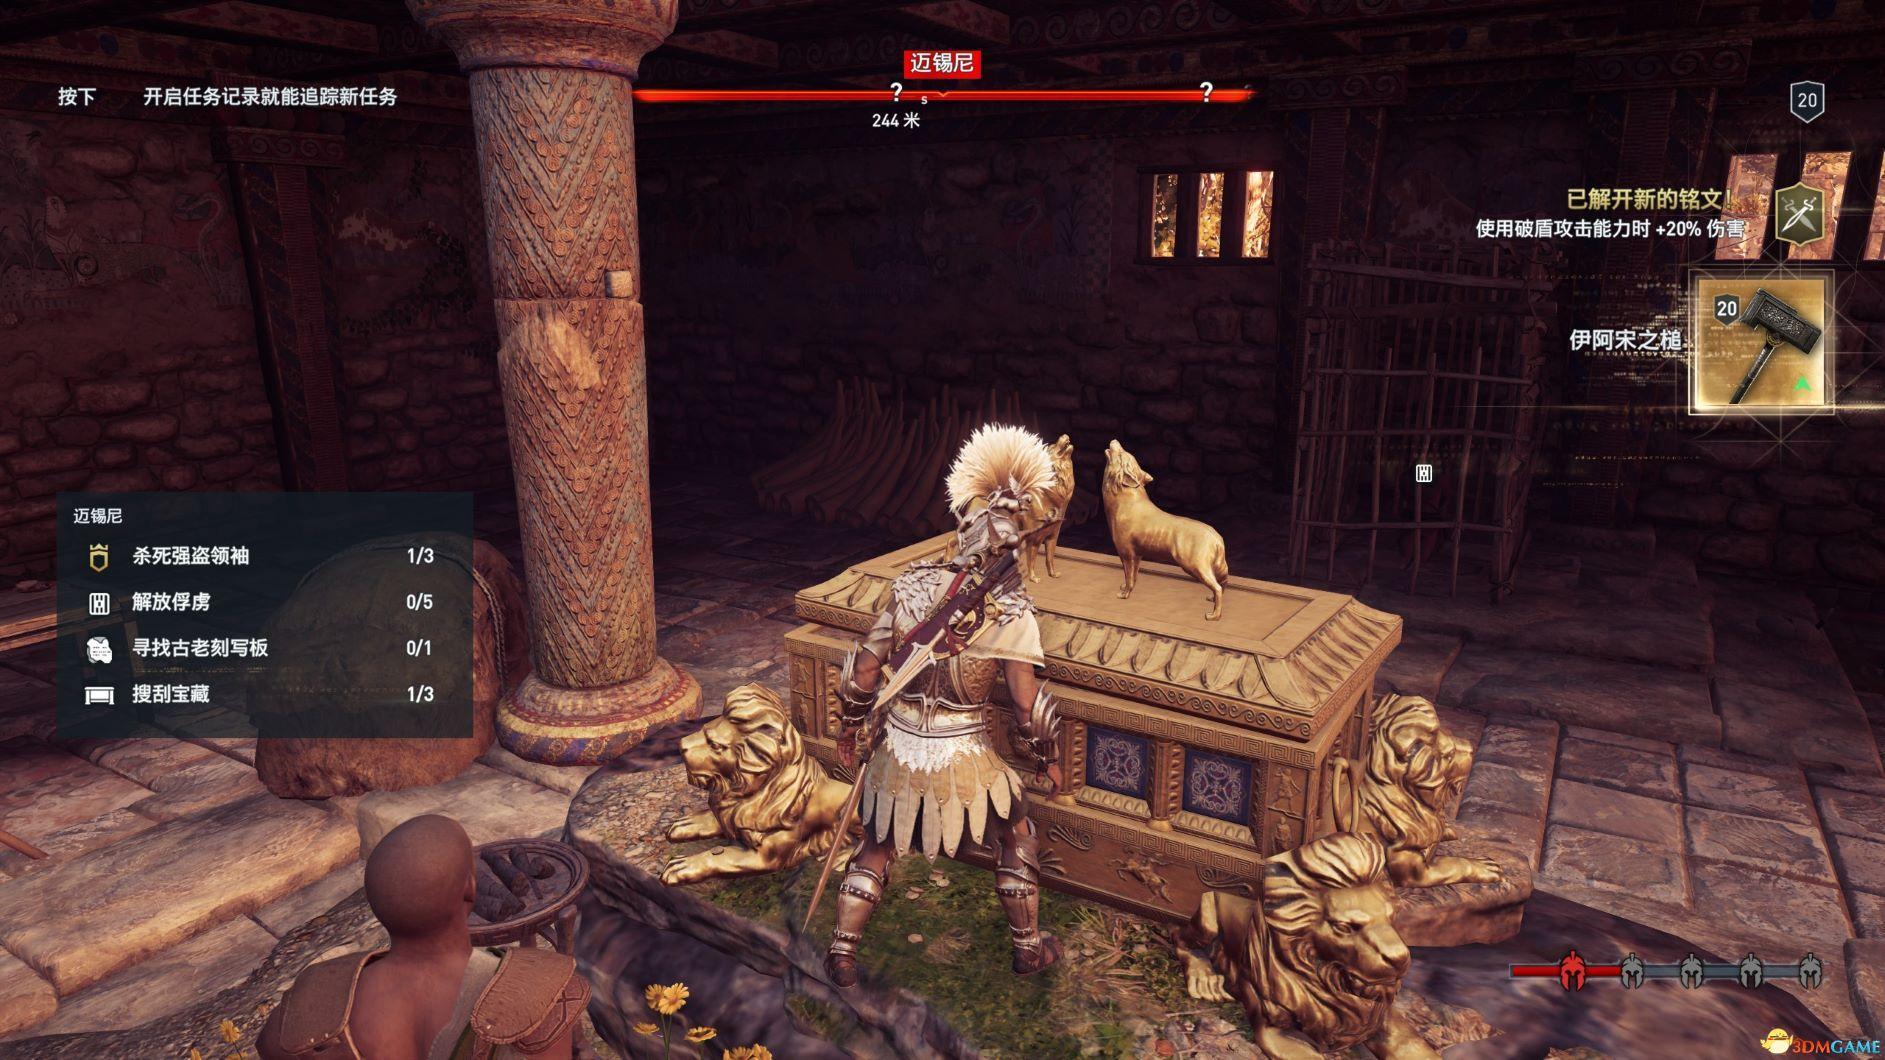 《刺客信条:奥德赛》全氪金宝箱所在位置一览